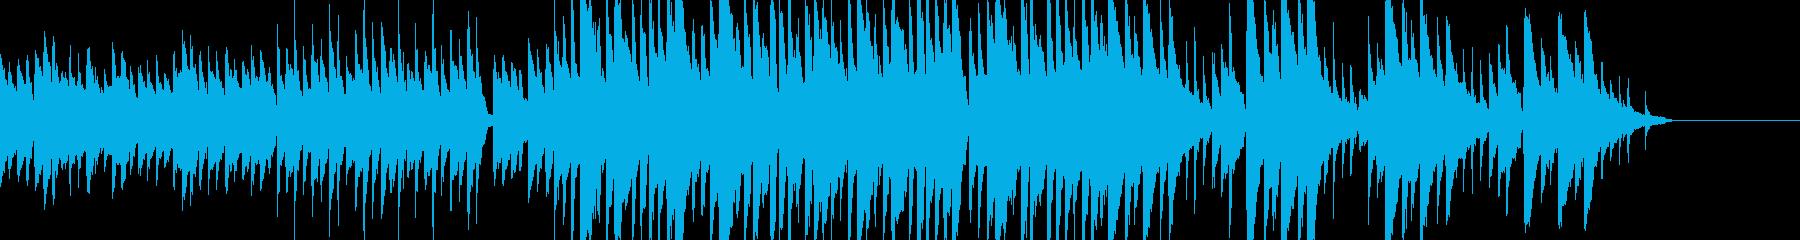 優しい雰囲気の曲の再生済みの波形